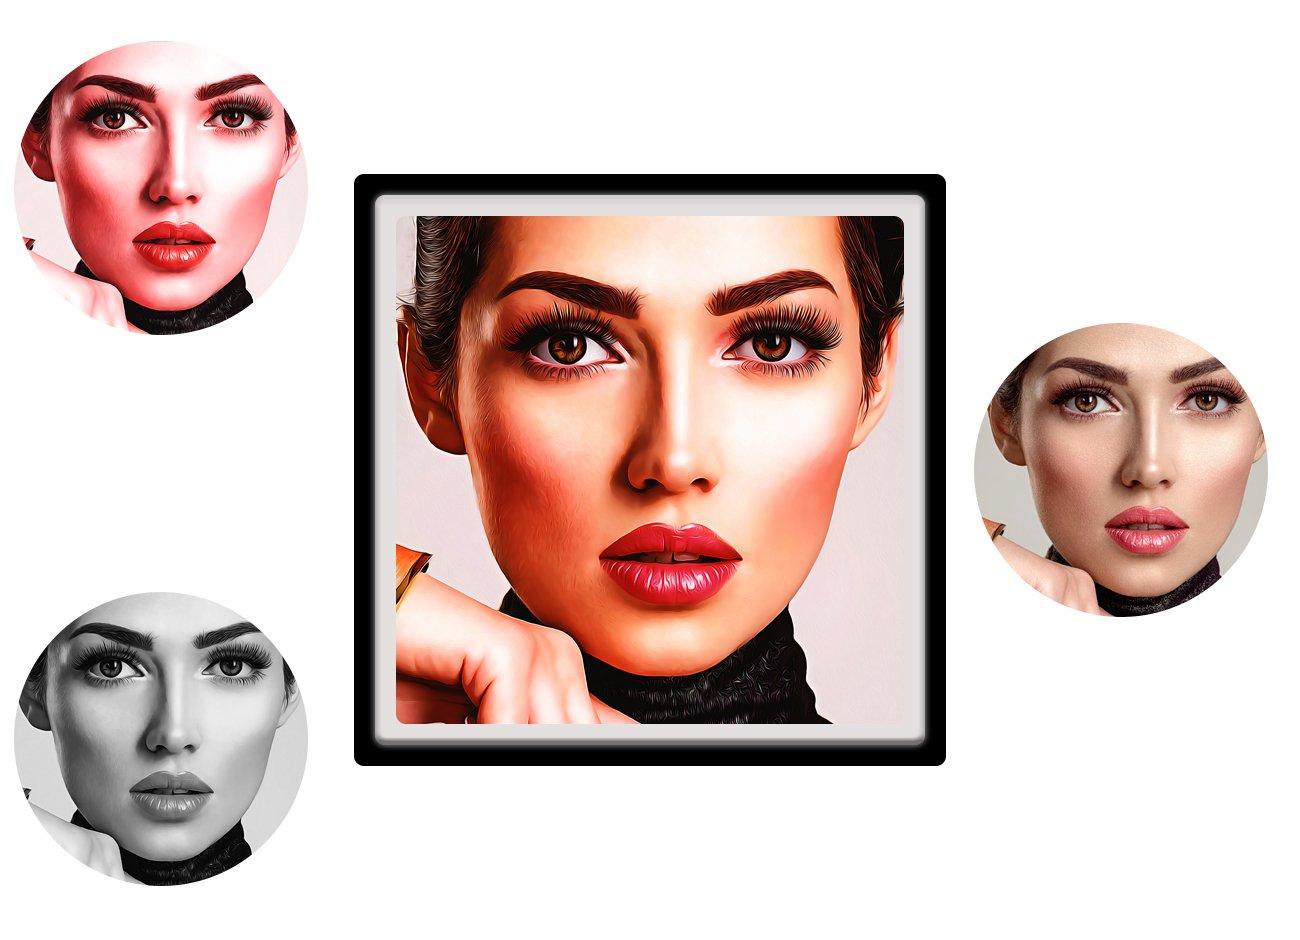 逼真油画效果照片处理特效PS动作模板素材 Pro Oil Art Photoshop Action插图4